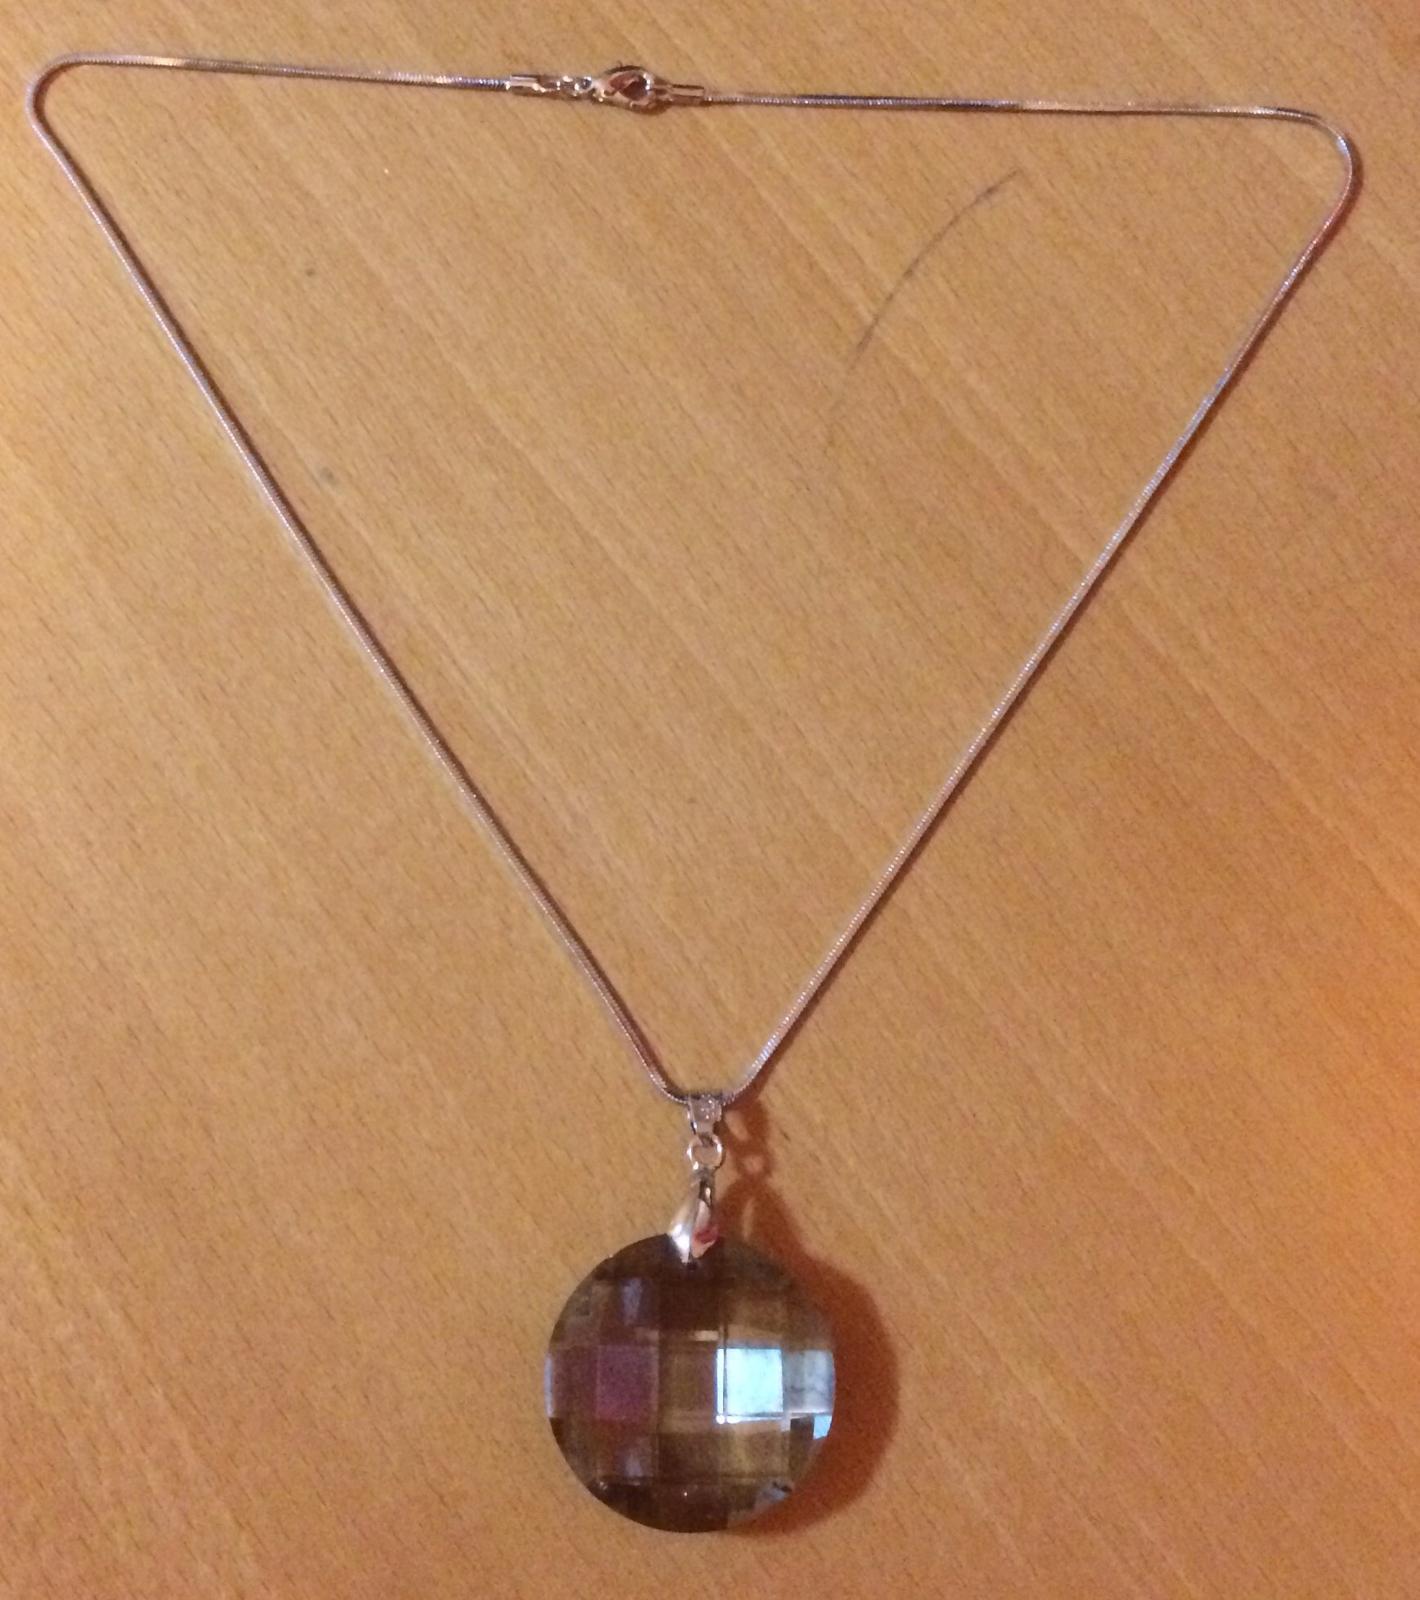 Náhrdelník s kameňom  - Obrázok č. 3